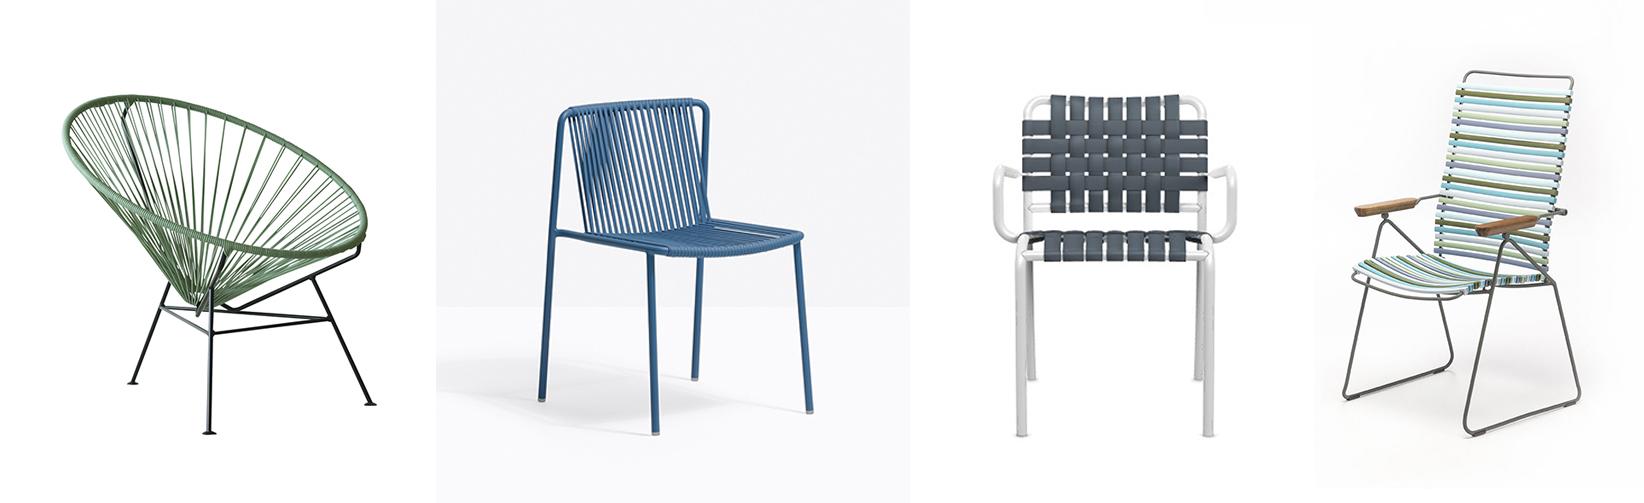 OK Design Condesa Chair Loungesessel, Pedrali 3660 Stuhl, Gervasoni InOut 824C Armlehnstuhl und Houe Click Hochlehner